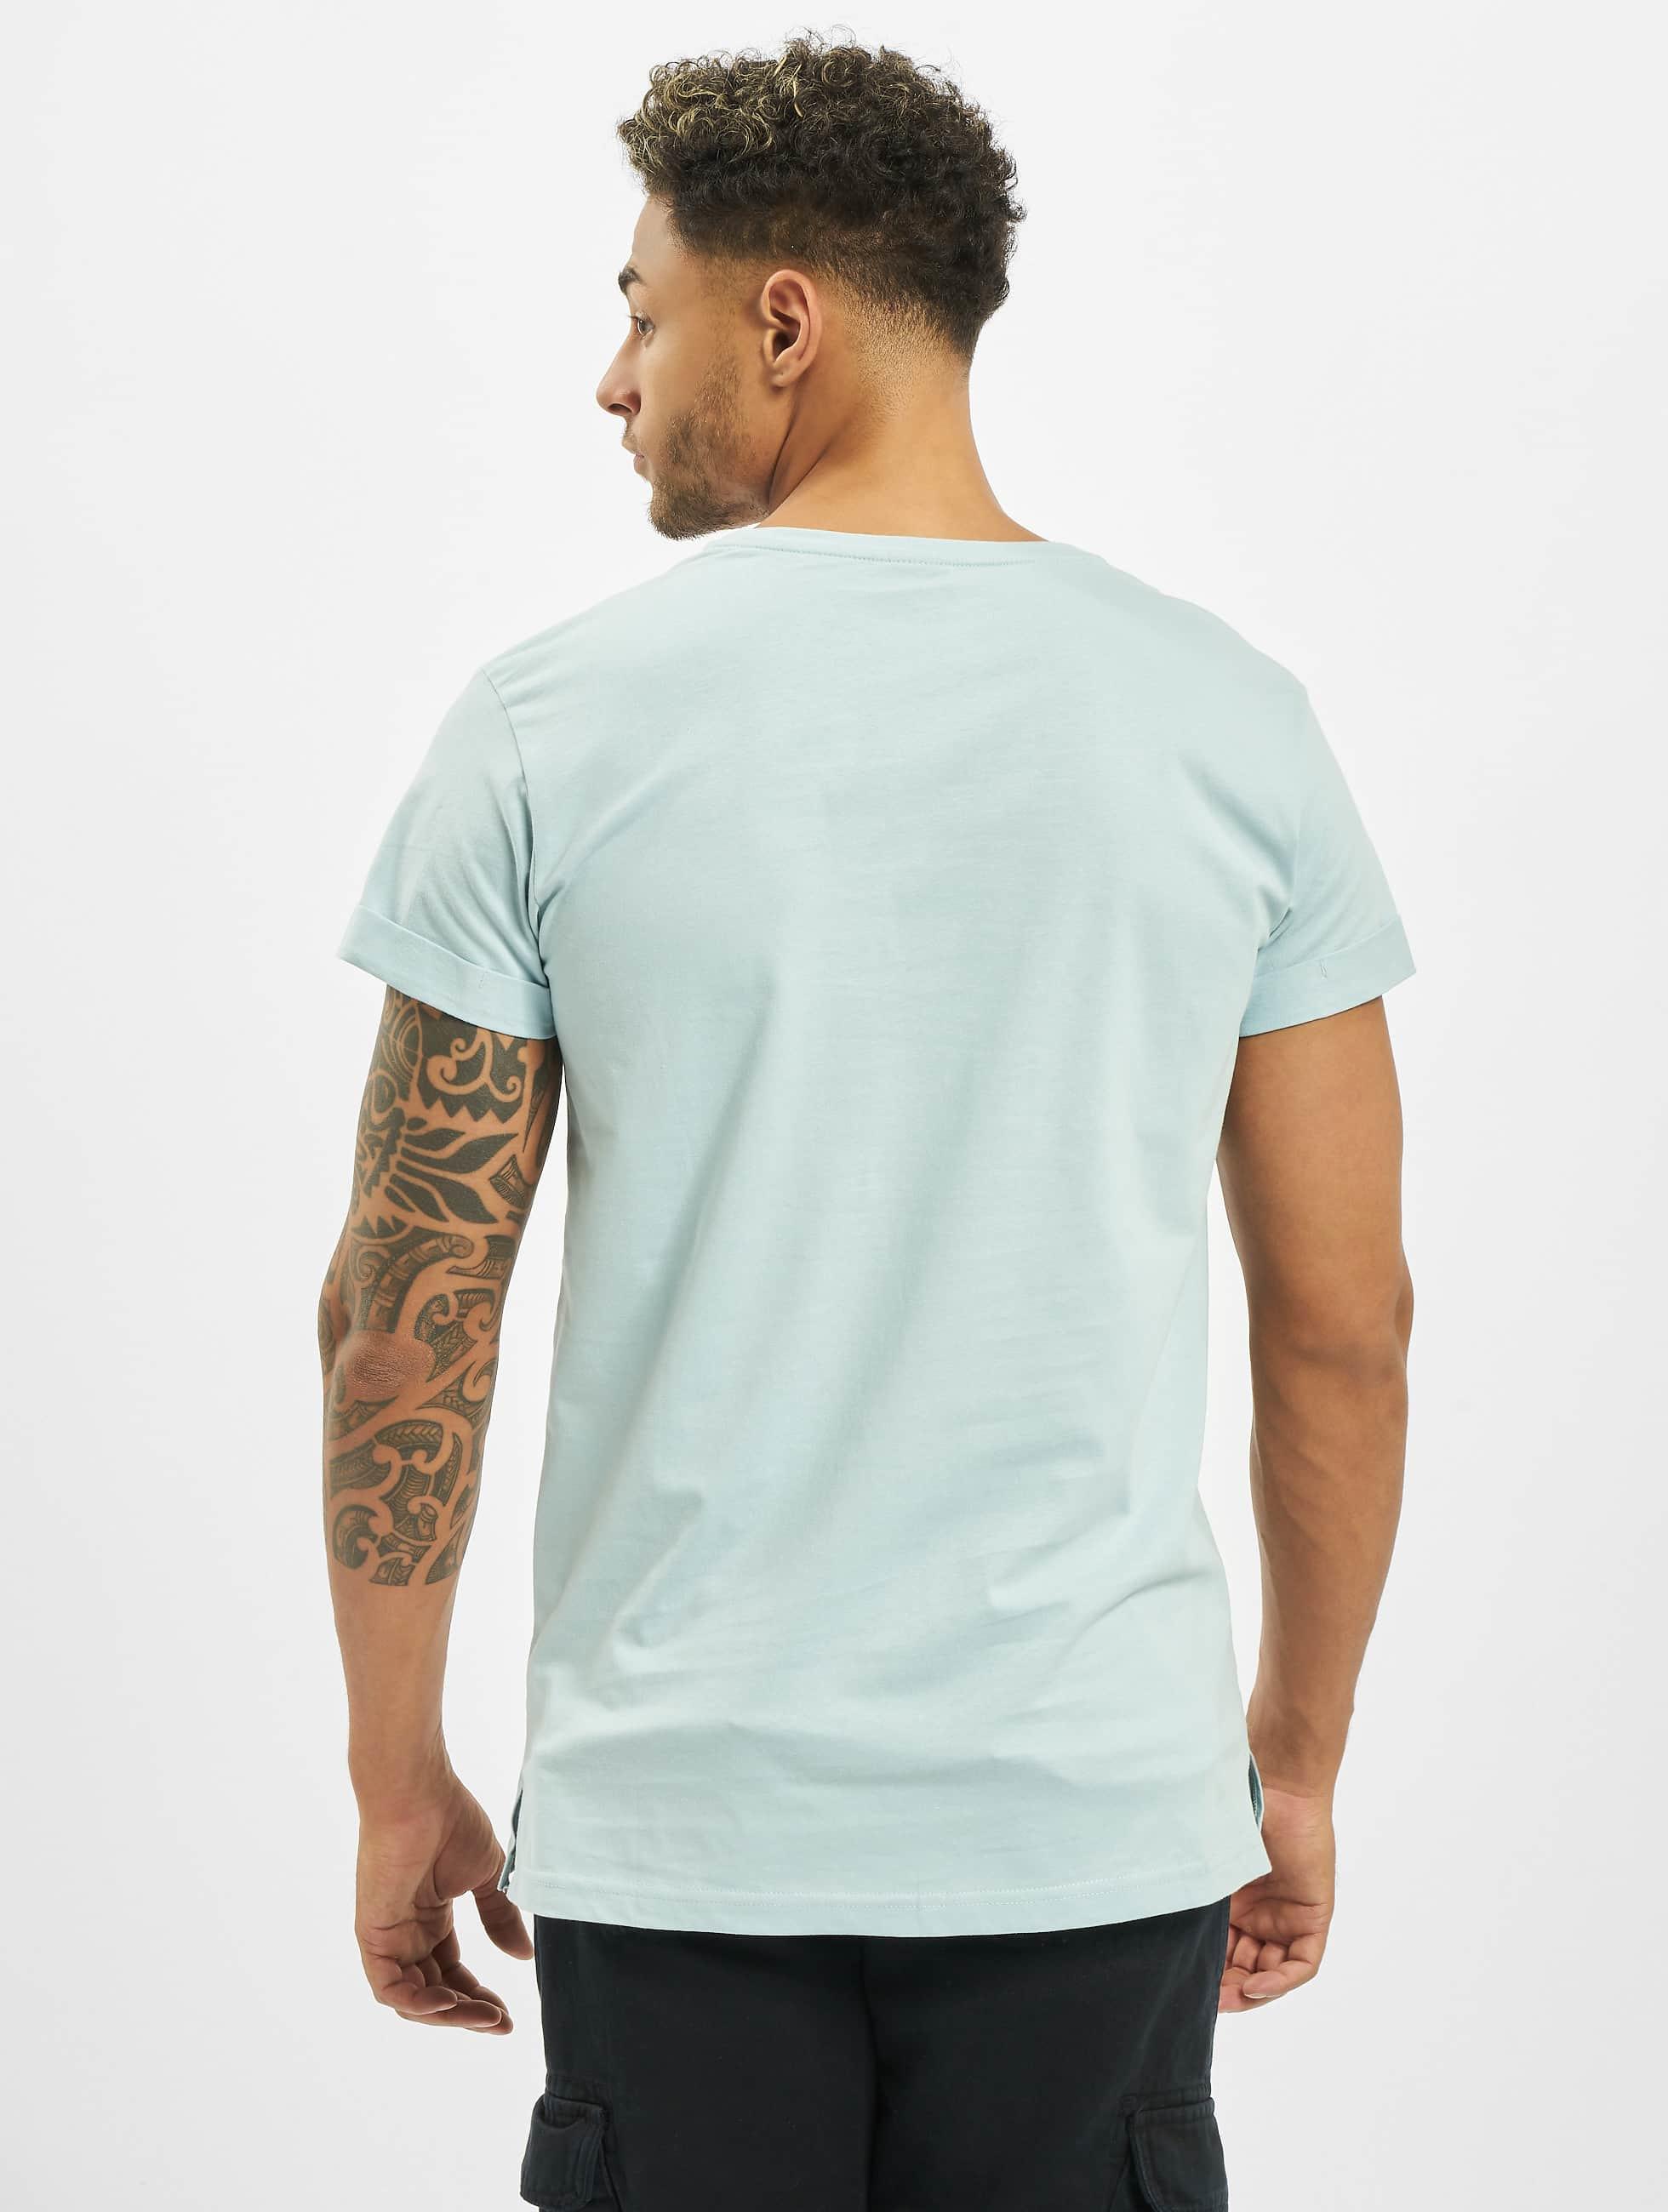 Urban Classics T-Shirt Turnup blue